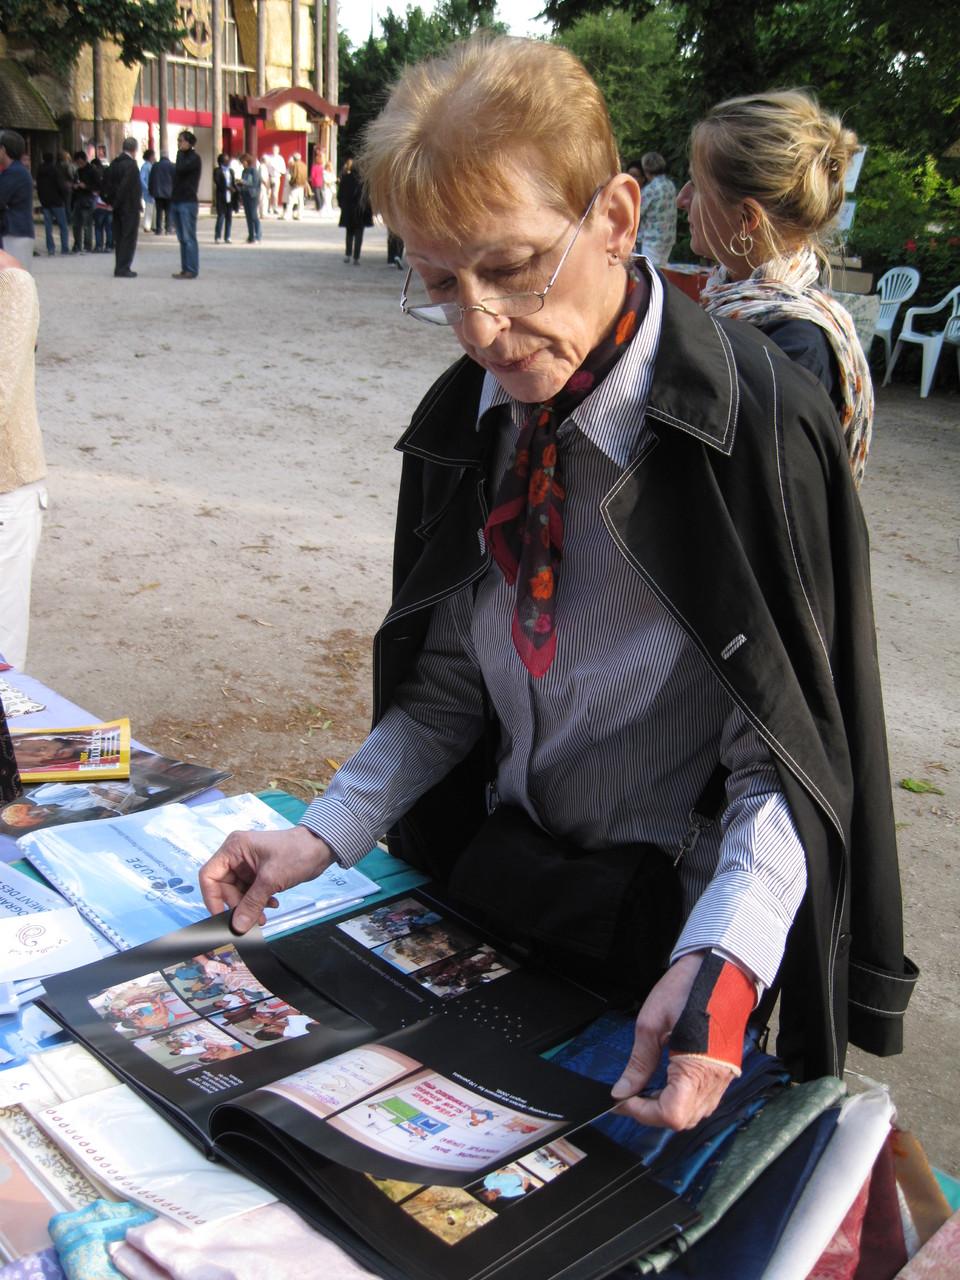 Exposition organisée par Voyager Autrement à la Pagode de Vincennes - Juin 2012